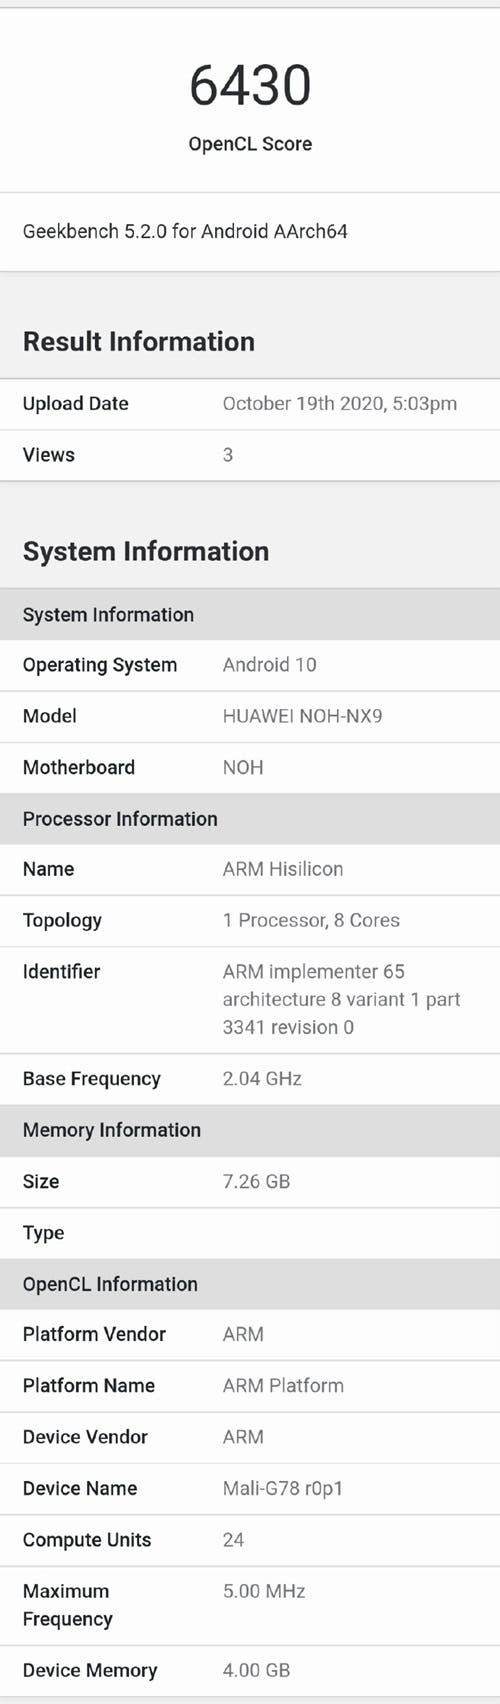 Huawei Кирин 9000